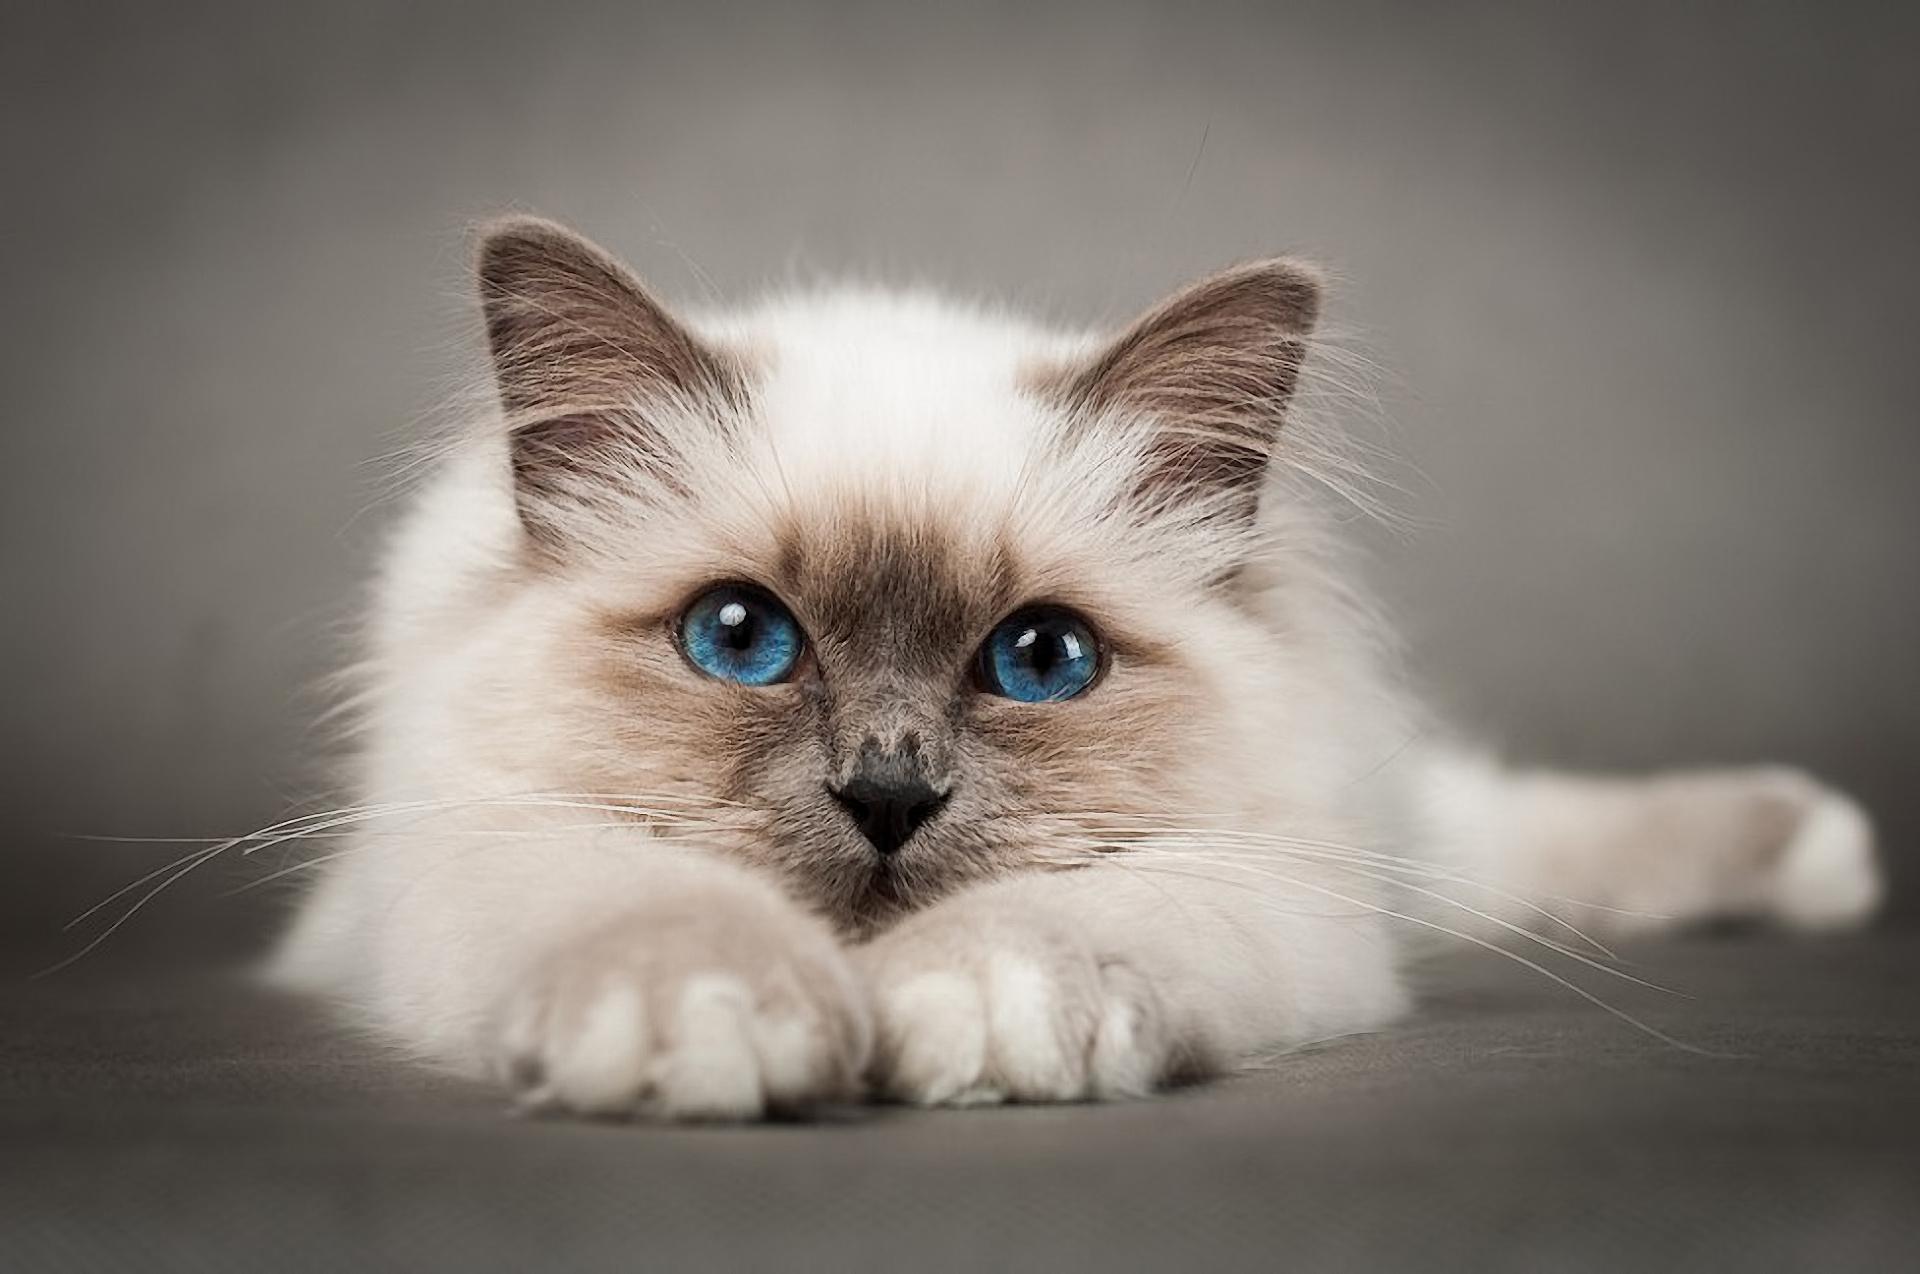 свежем картинки котов самые красивые объём тандыра его